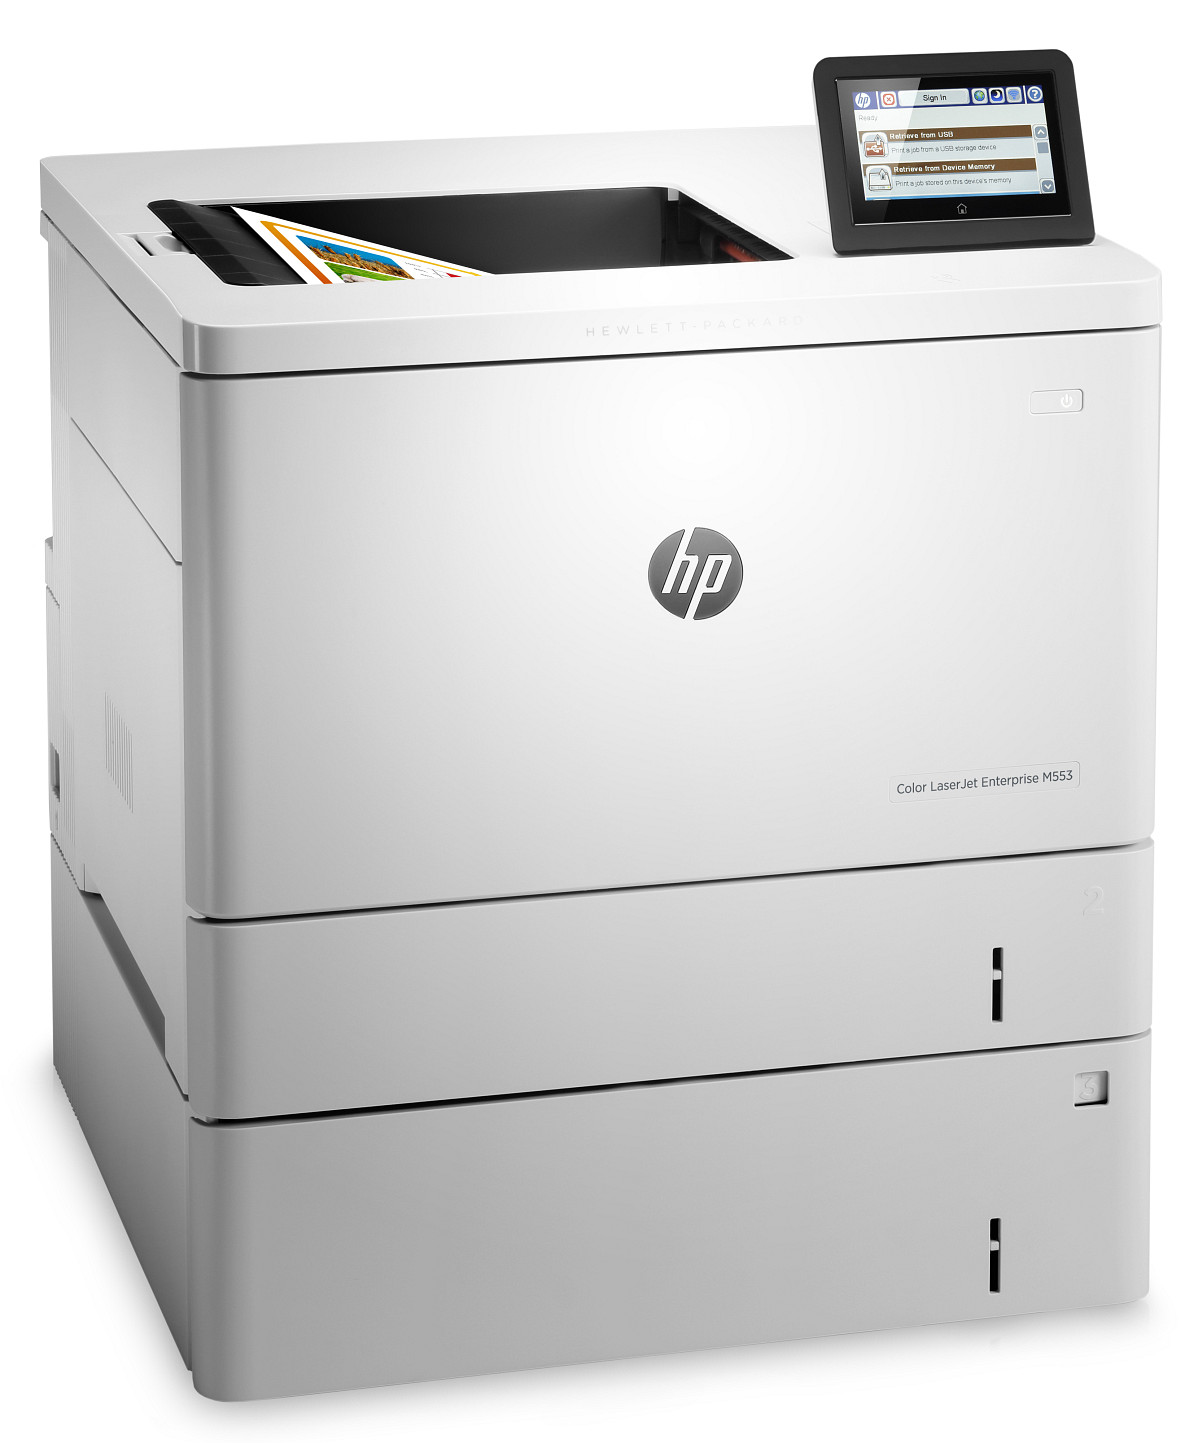 HP Color LaserJet Enterprise M553x